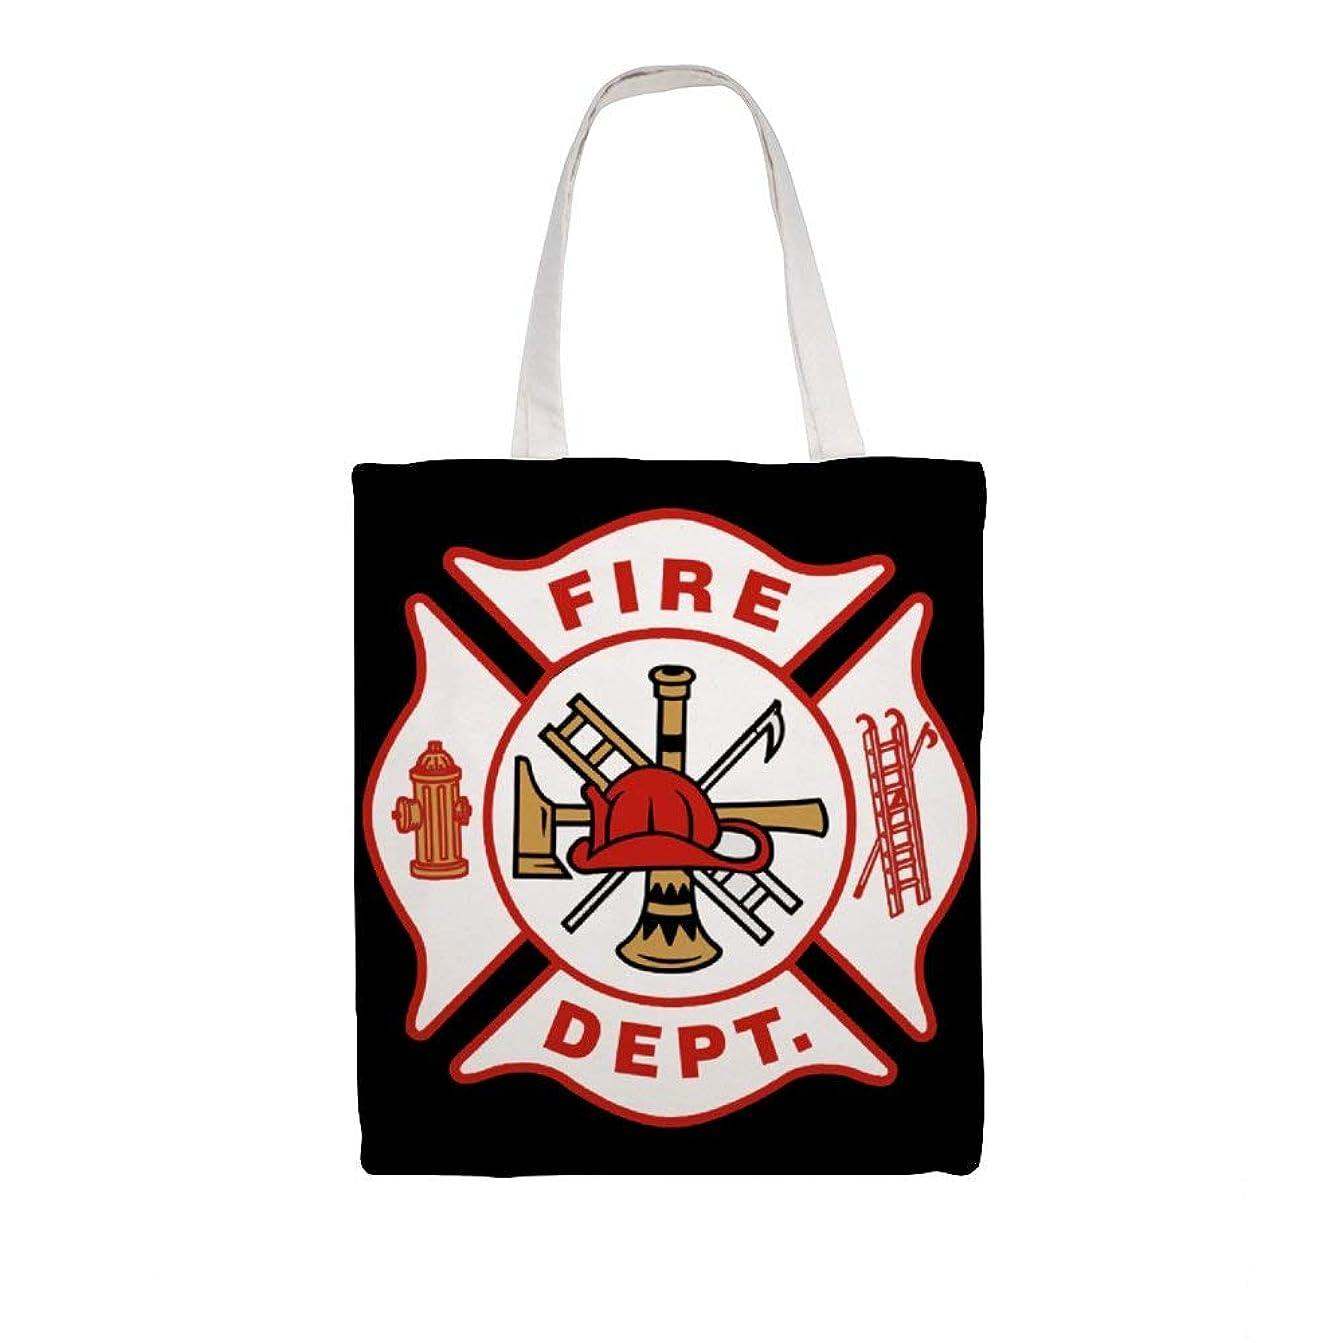 強調封建準備したズックバッグ トートバッグ 手提げ袋 大容量 ショルダー 買い物 旅行 質感 収納便利 耐久性 人気 おしゃれ 軽量 鞄 Fire Dept Logo 38*41cm